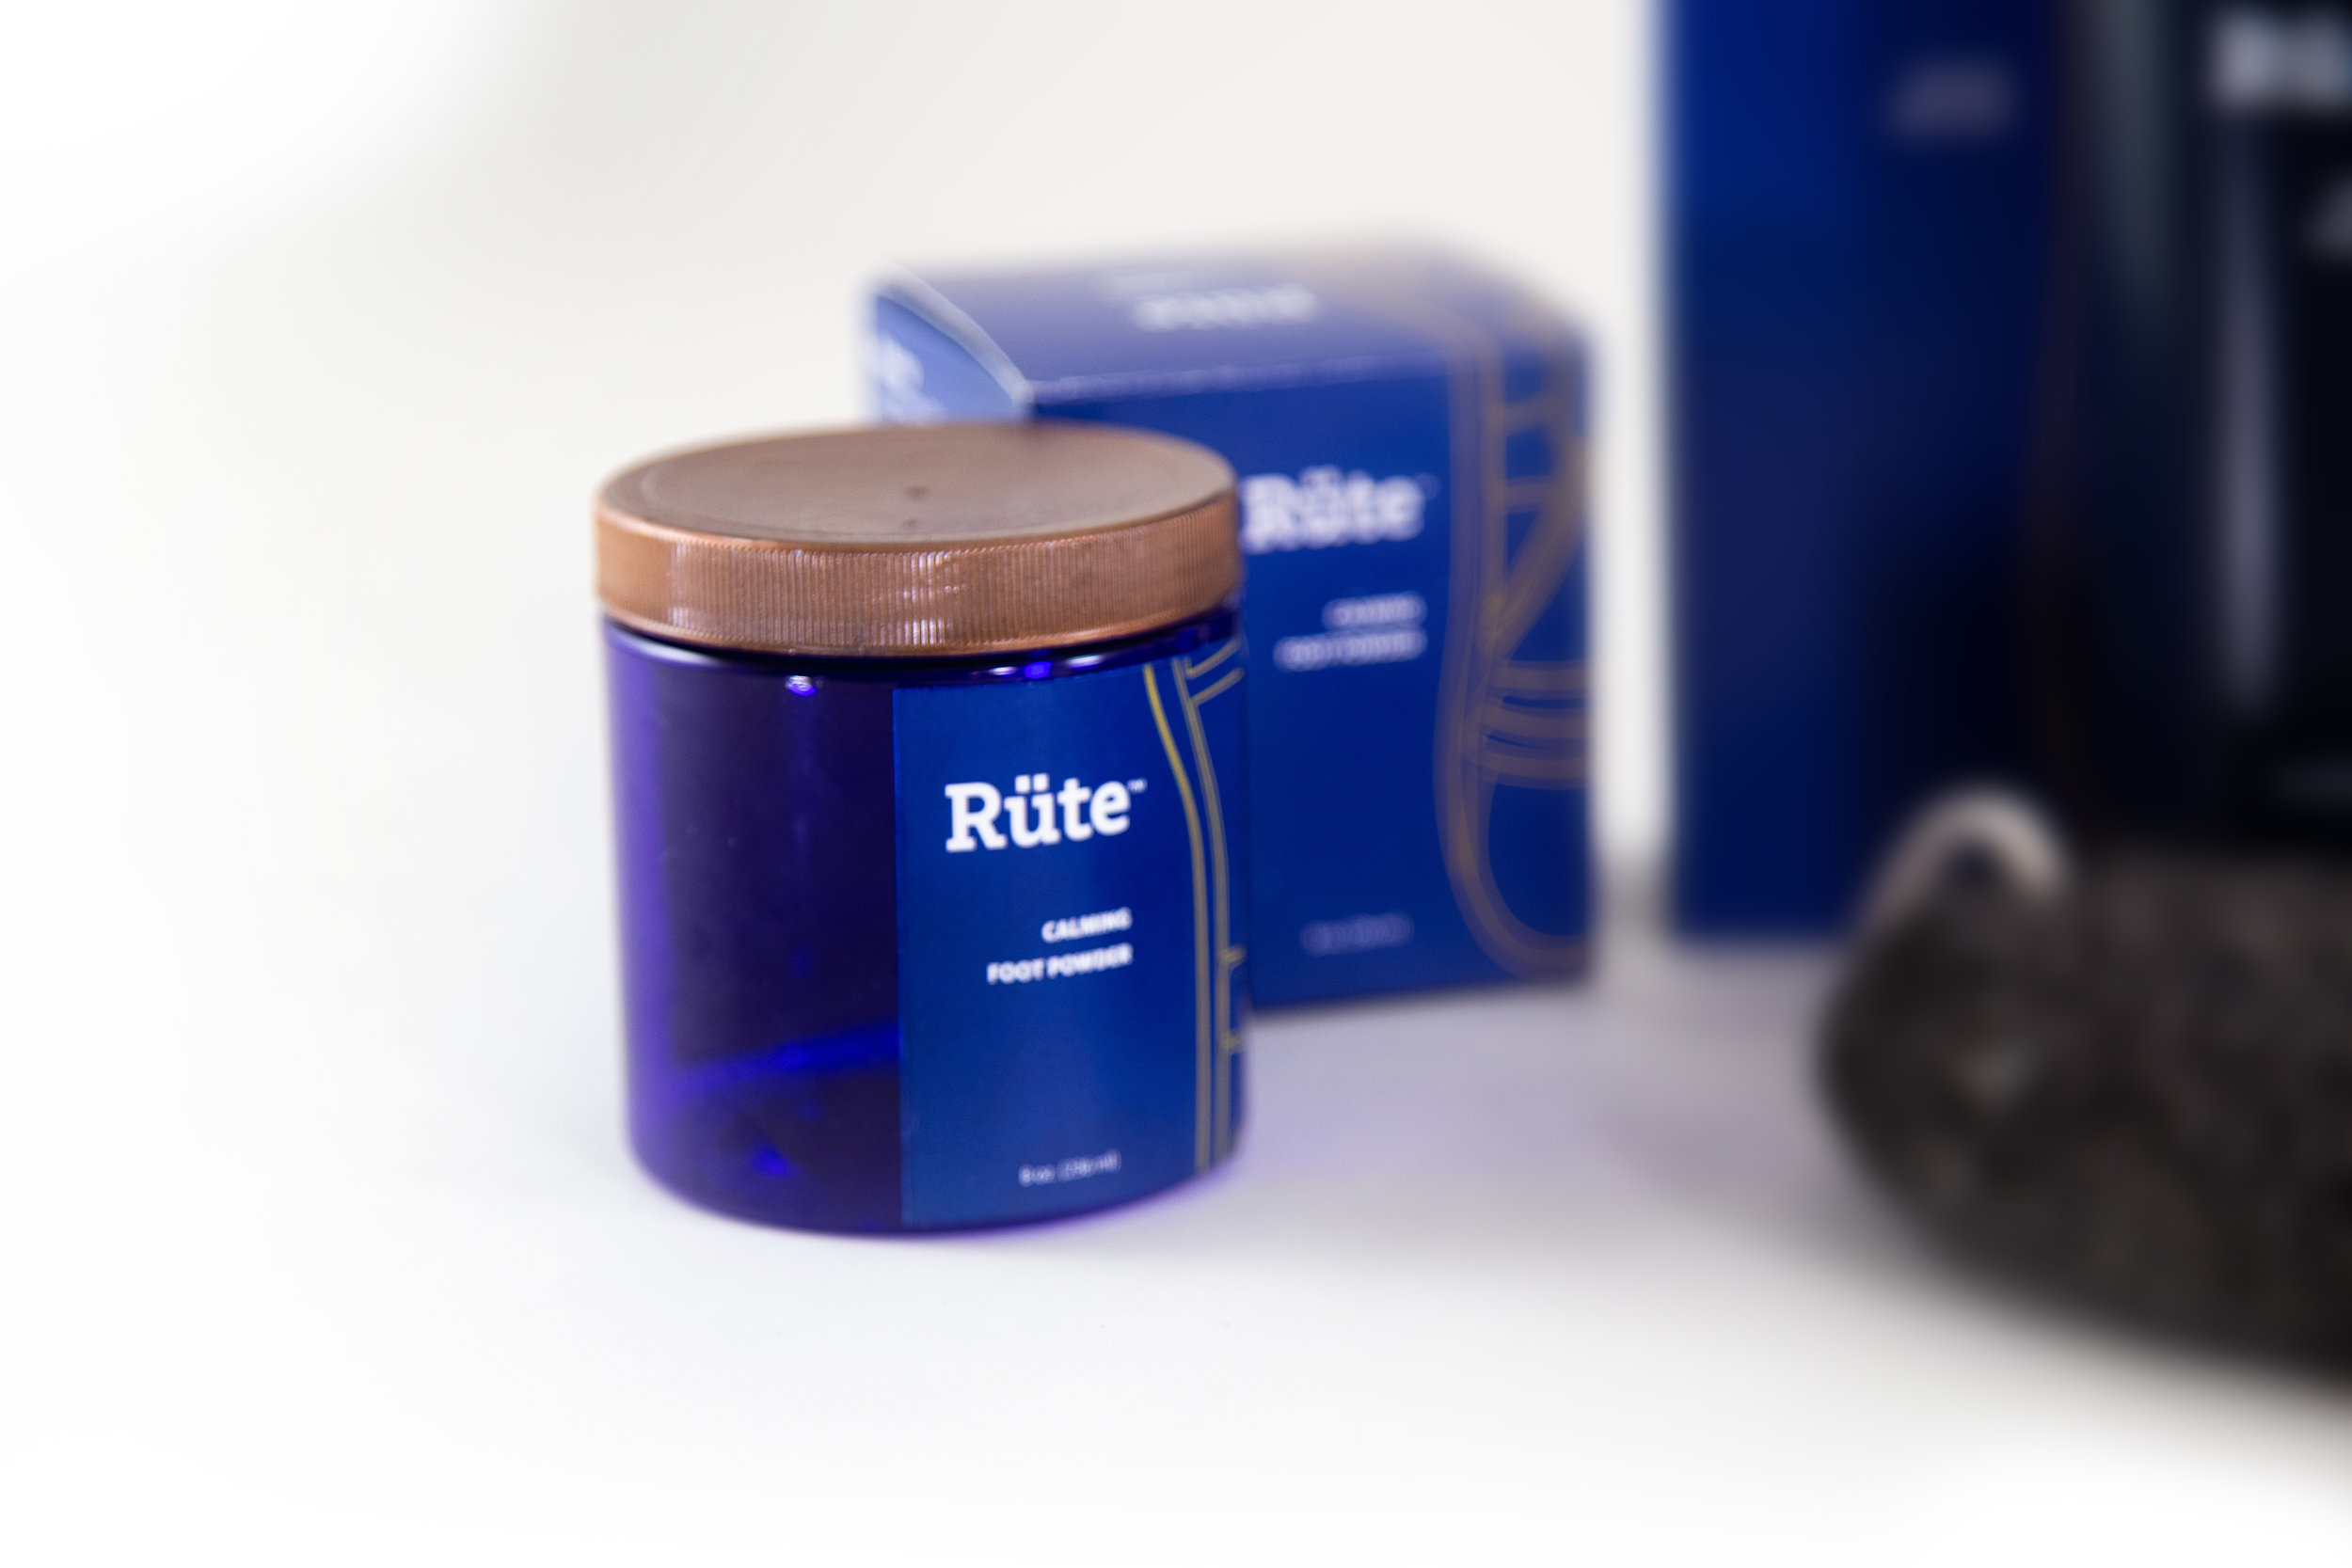 ClaytonSmith_detail7_Cosmetics_Rüte™.png.jpg.jpg